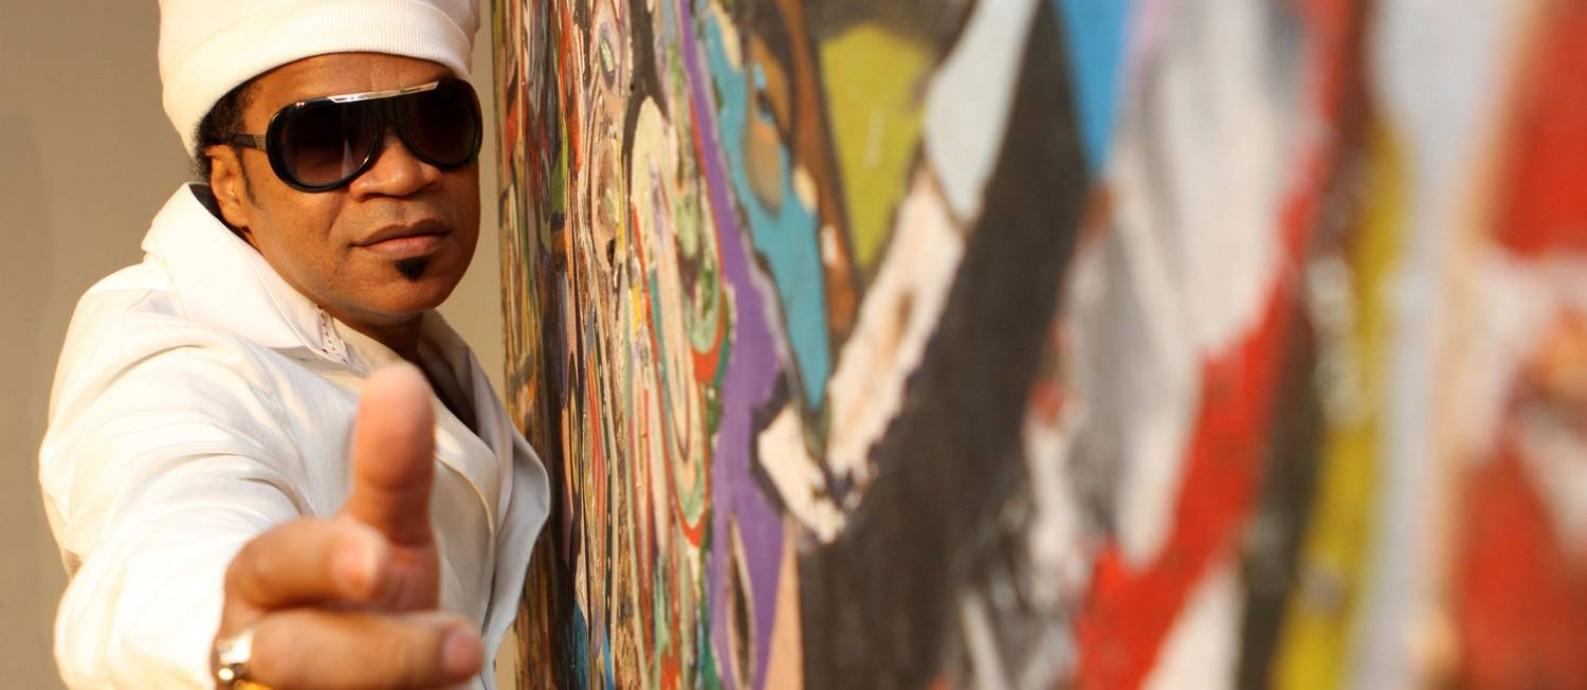 Carlinhos Brown Foto: Divulgação